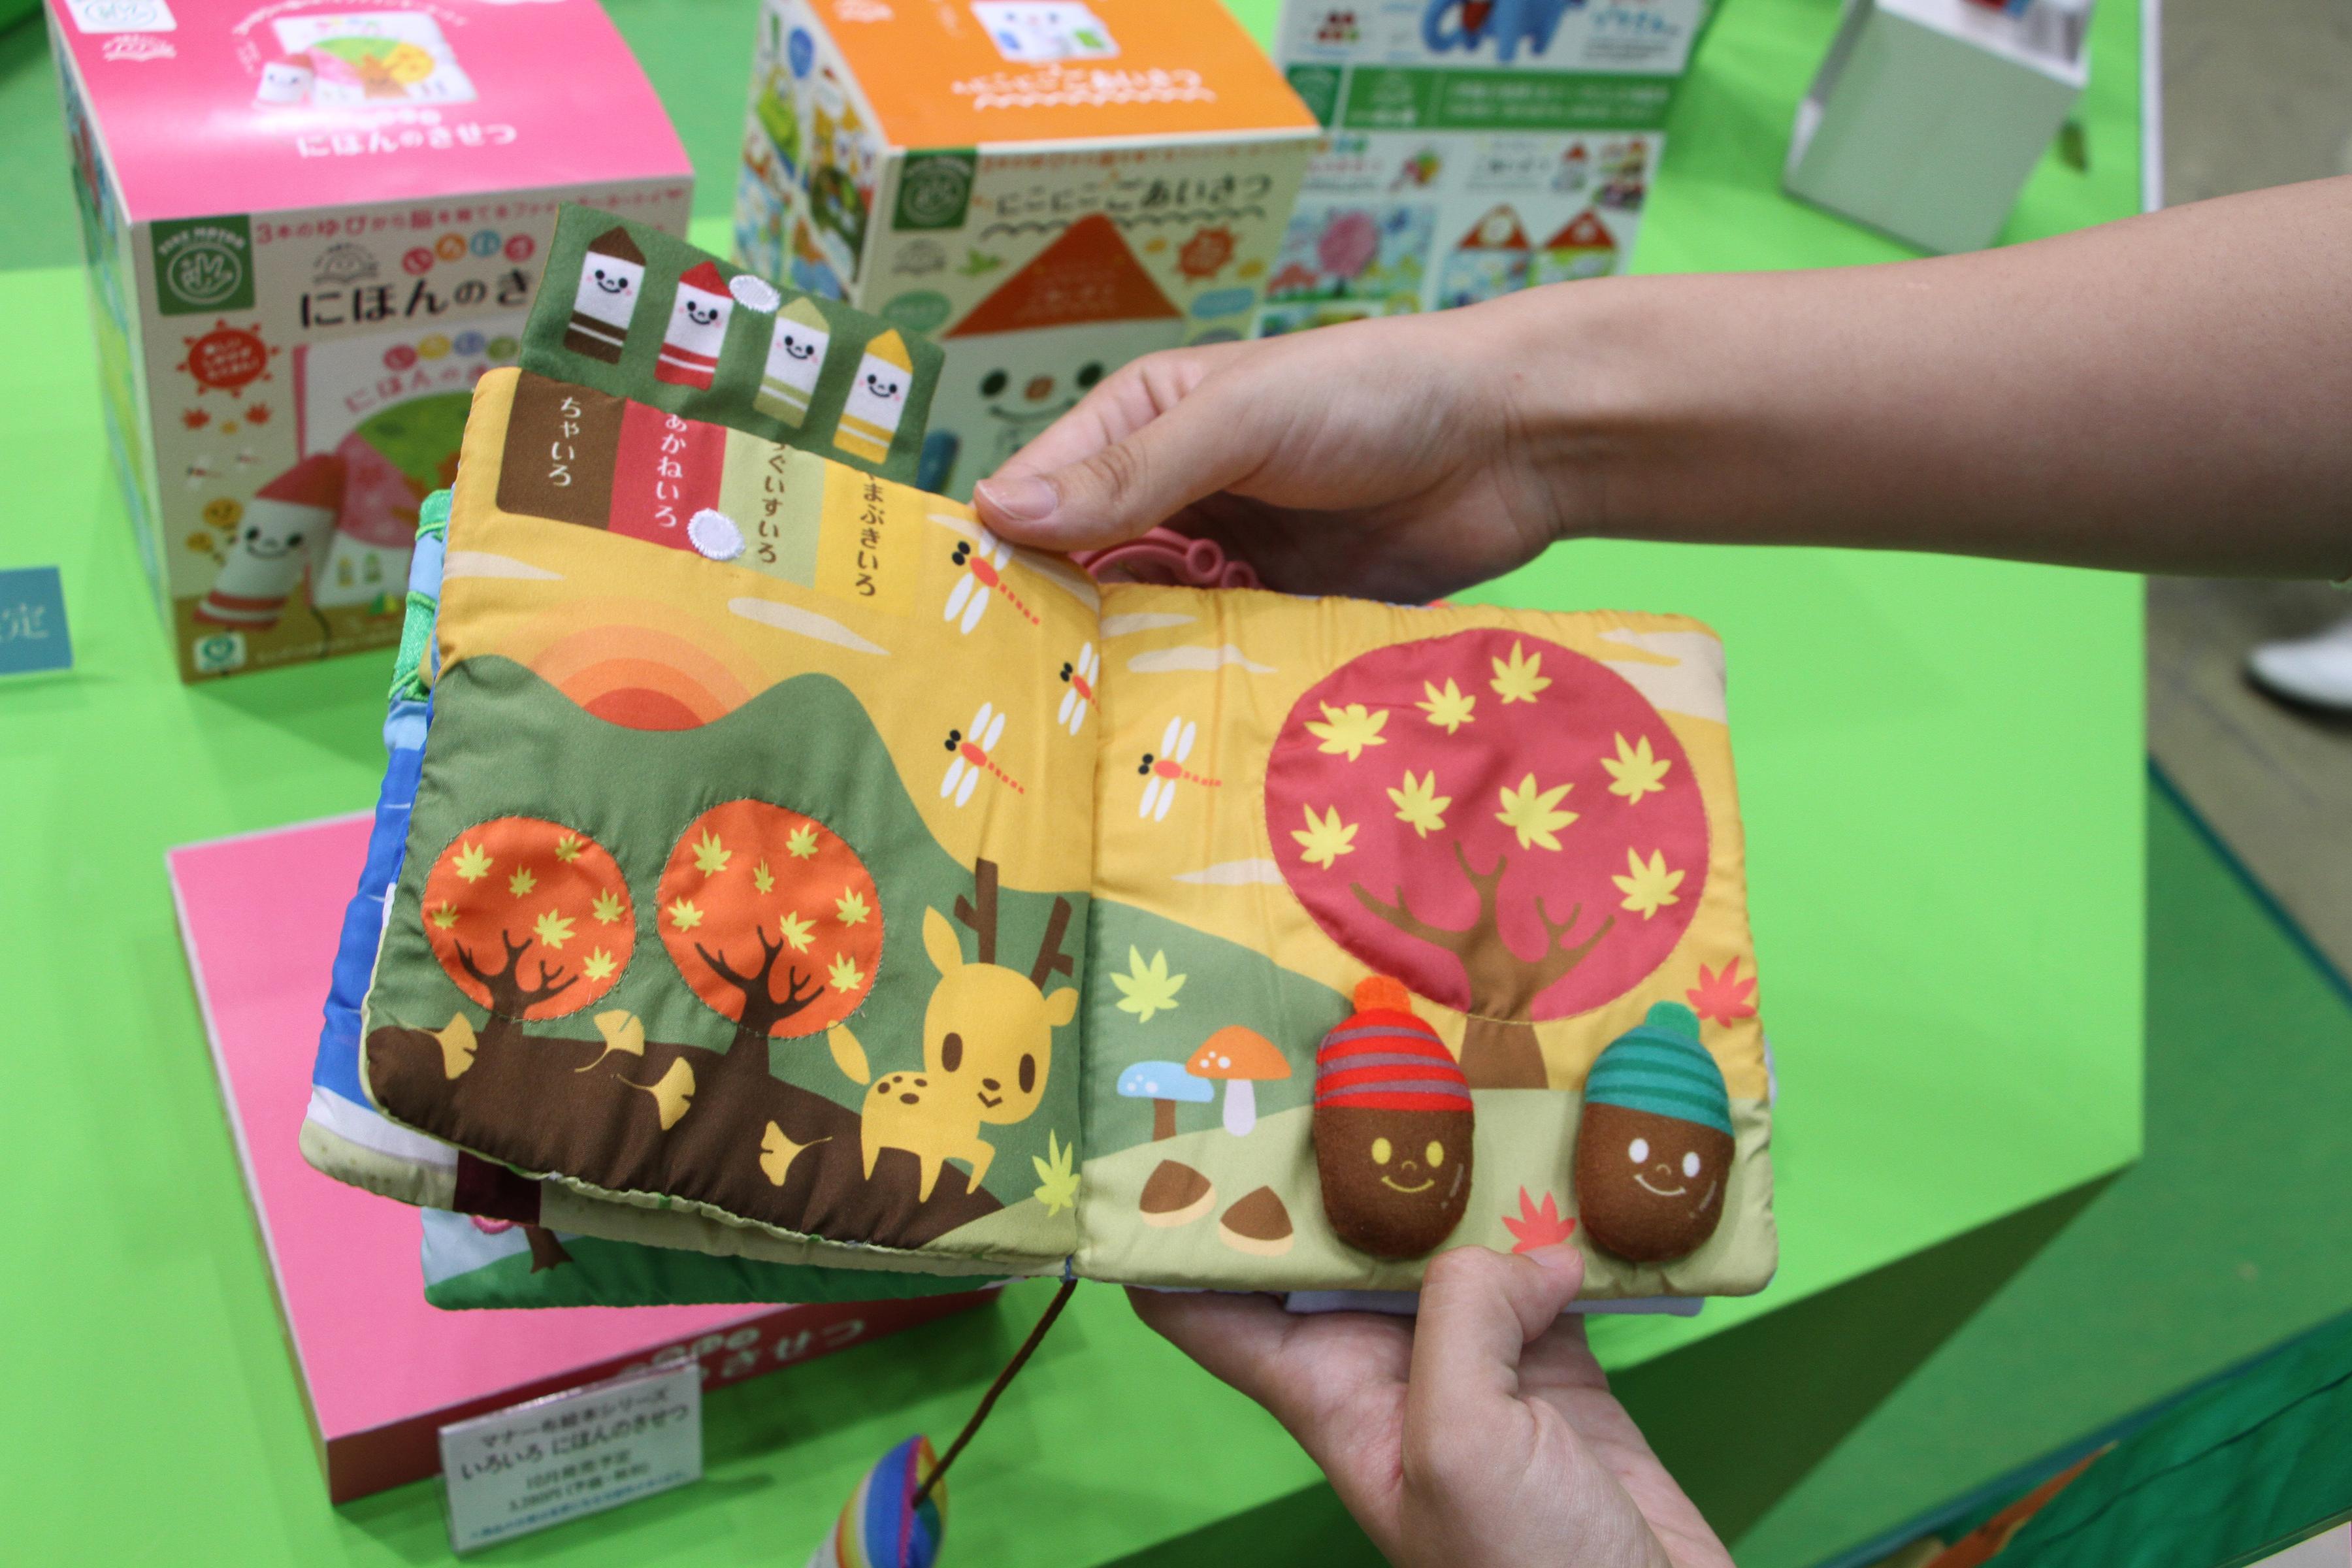 「いろいろ にほんのきせつ」は、その名の通り日本の四季に加えてそれぞれの季節に合った色も学べる。大人でもすぐに口に出ないような色も学べてしまう